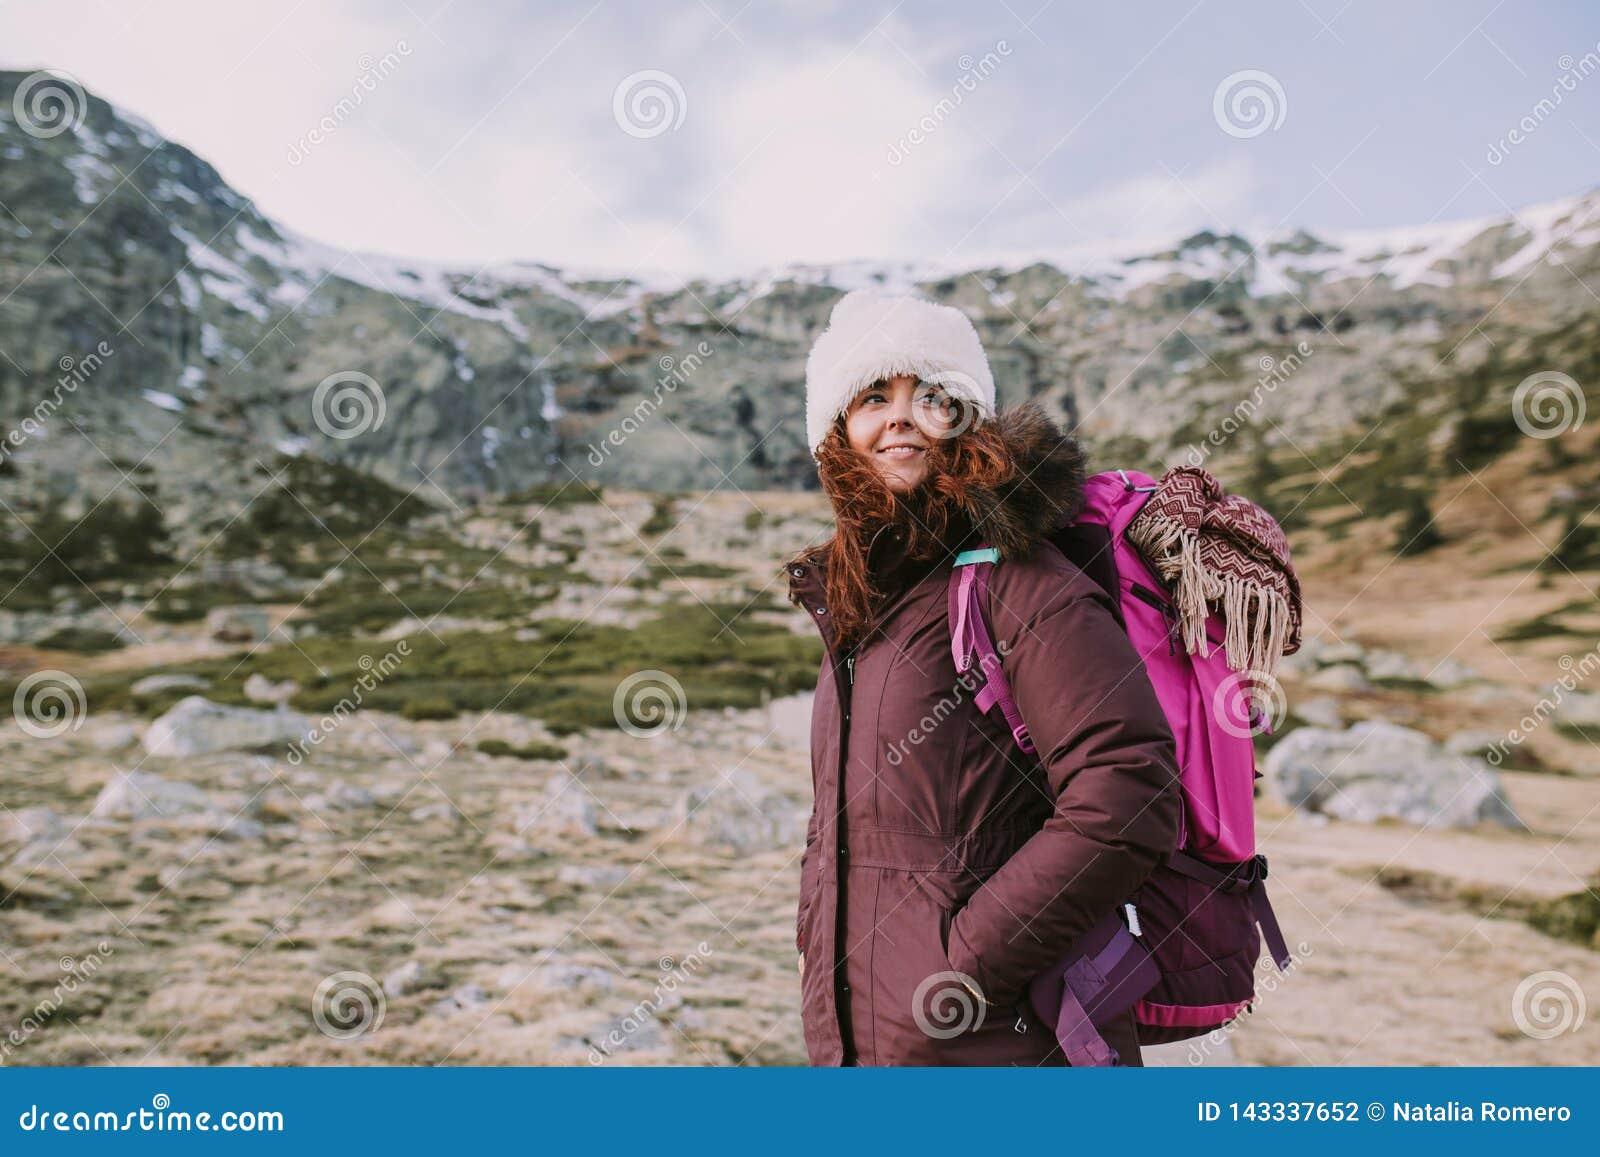 La giovane donna guarda lontano mentre gode della montagna